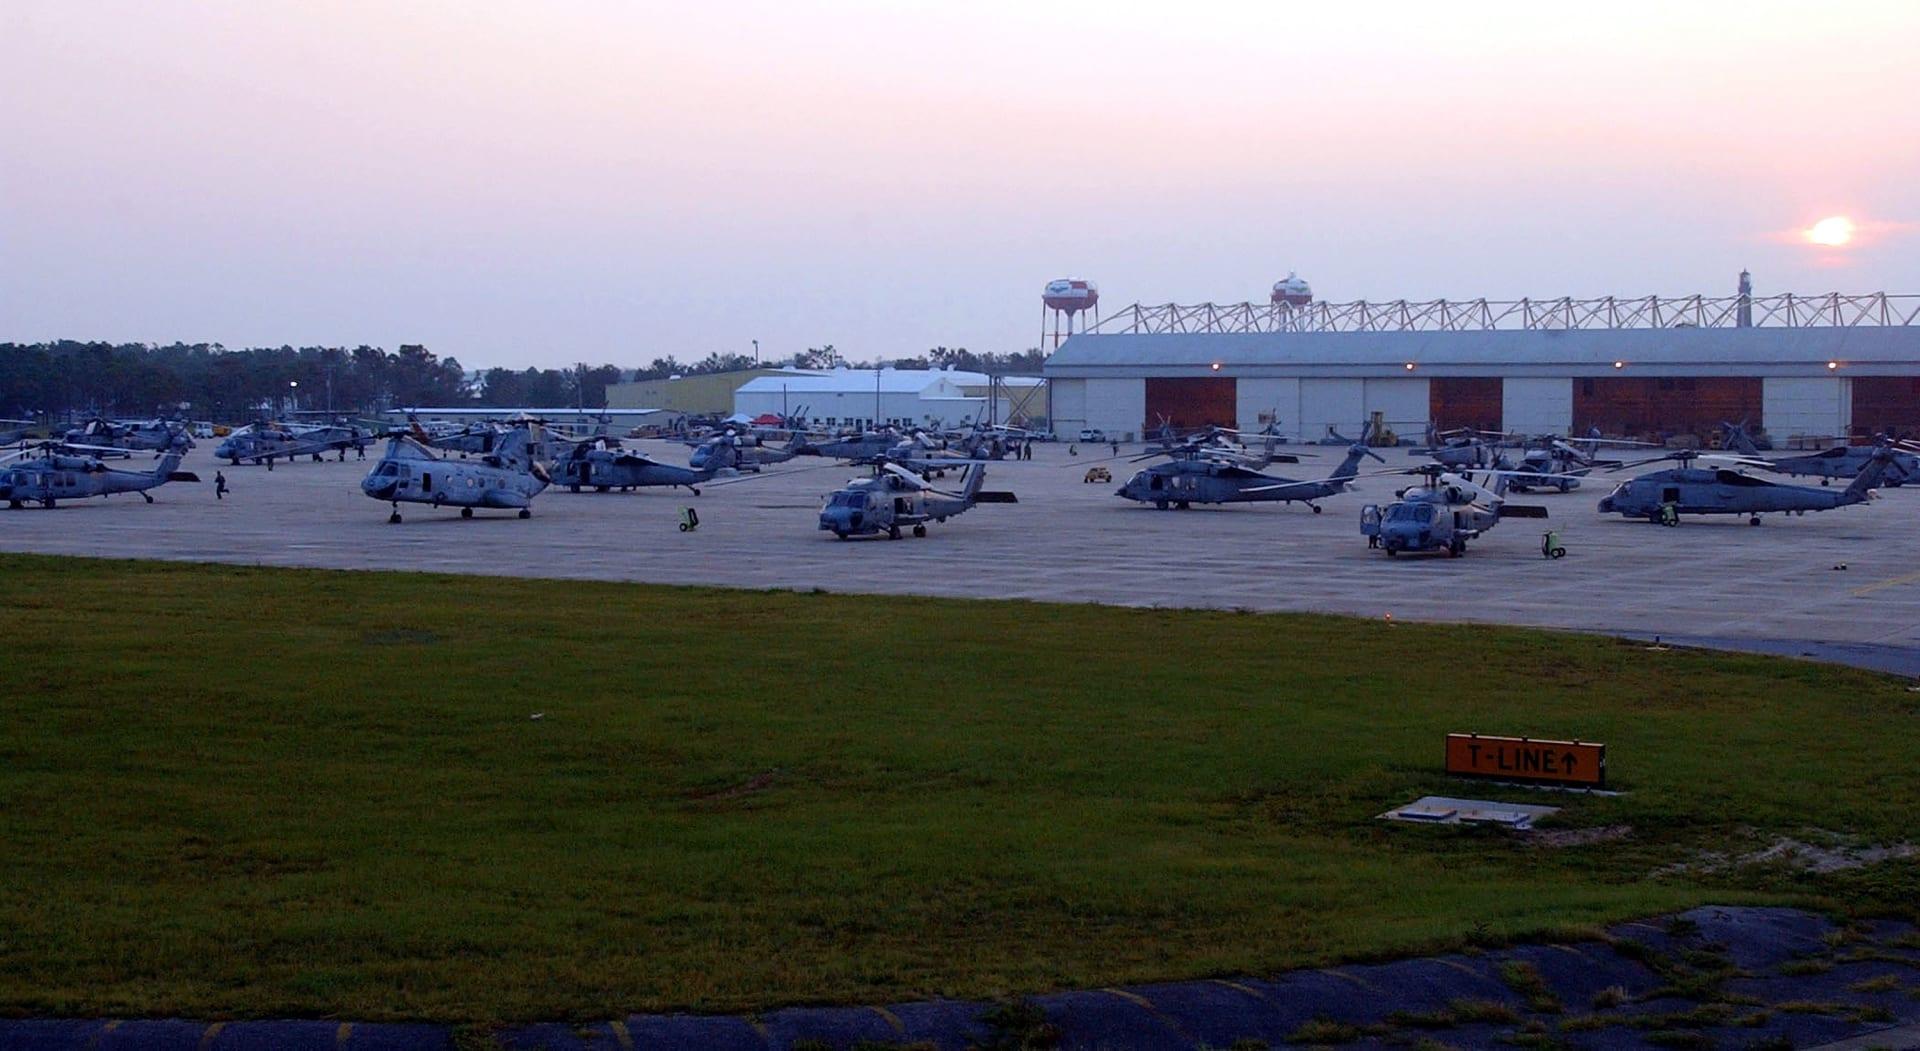 قاعدة بينساكولا الجوية التابعة للبحرية الأمريكية في ولاية فلوريدا